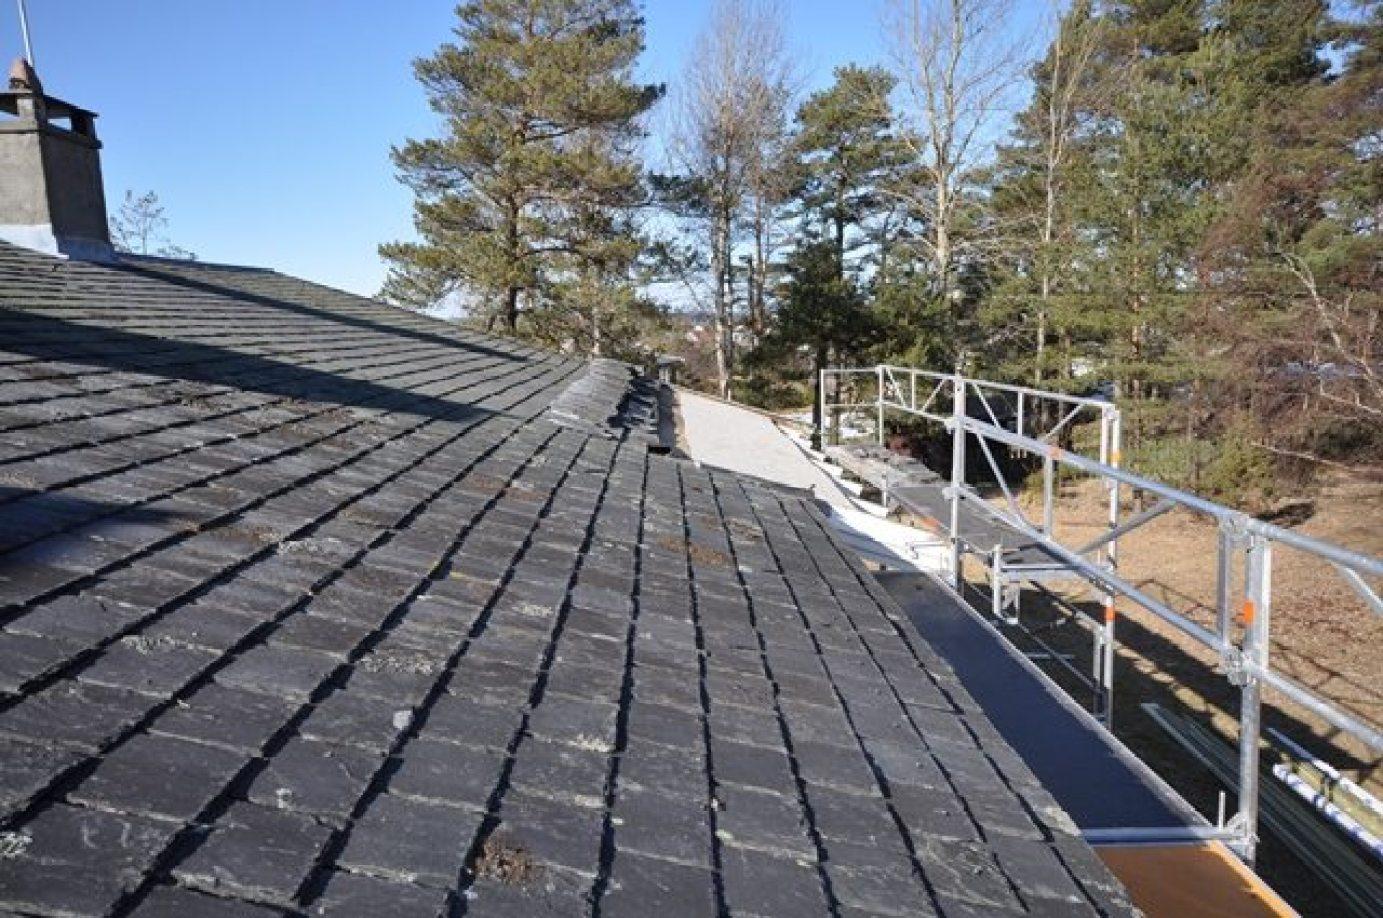 Ferdig lagt skrifersten på ene delen av taket